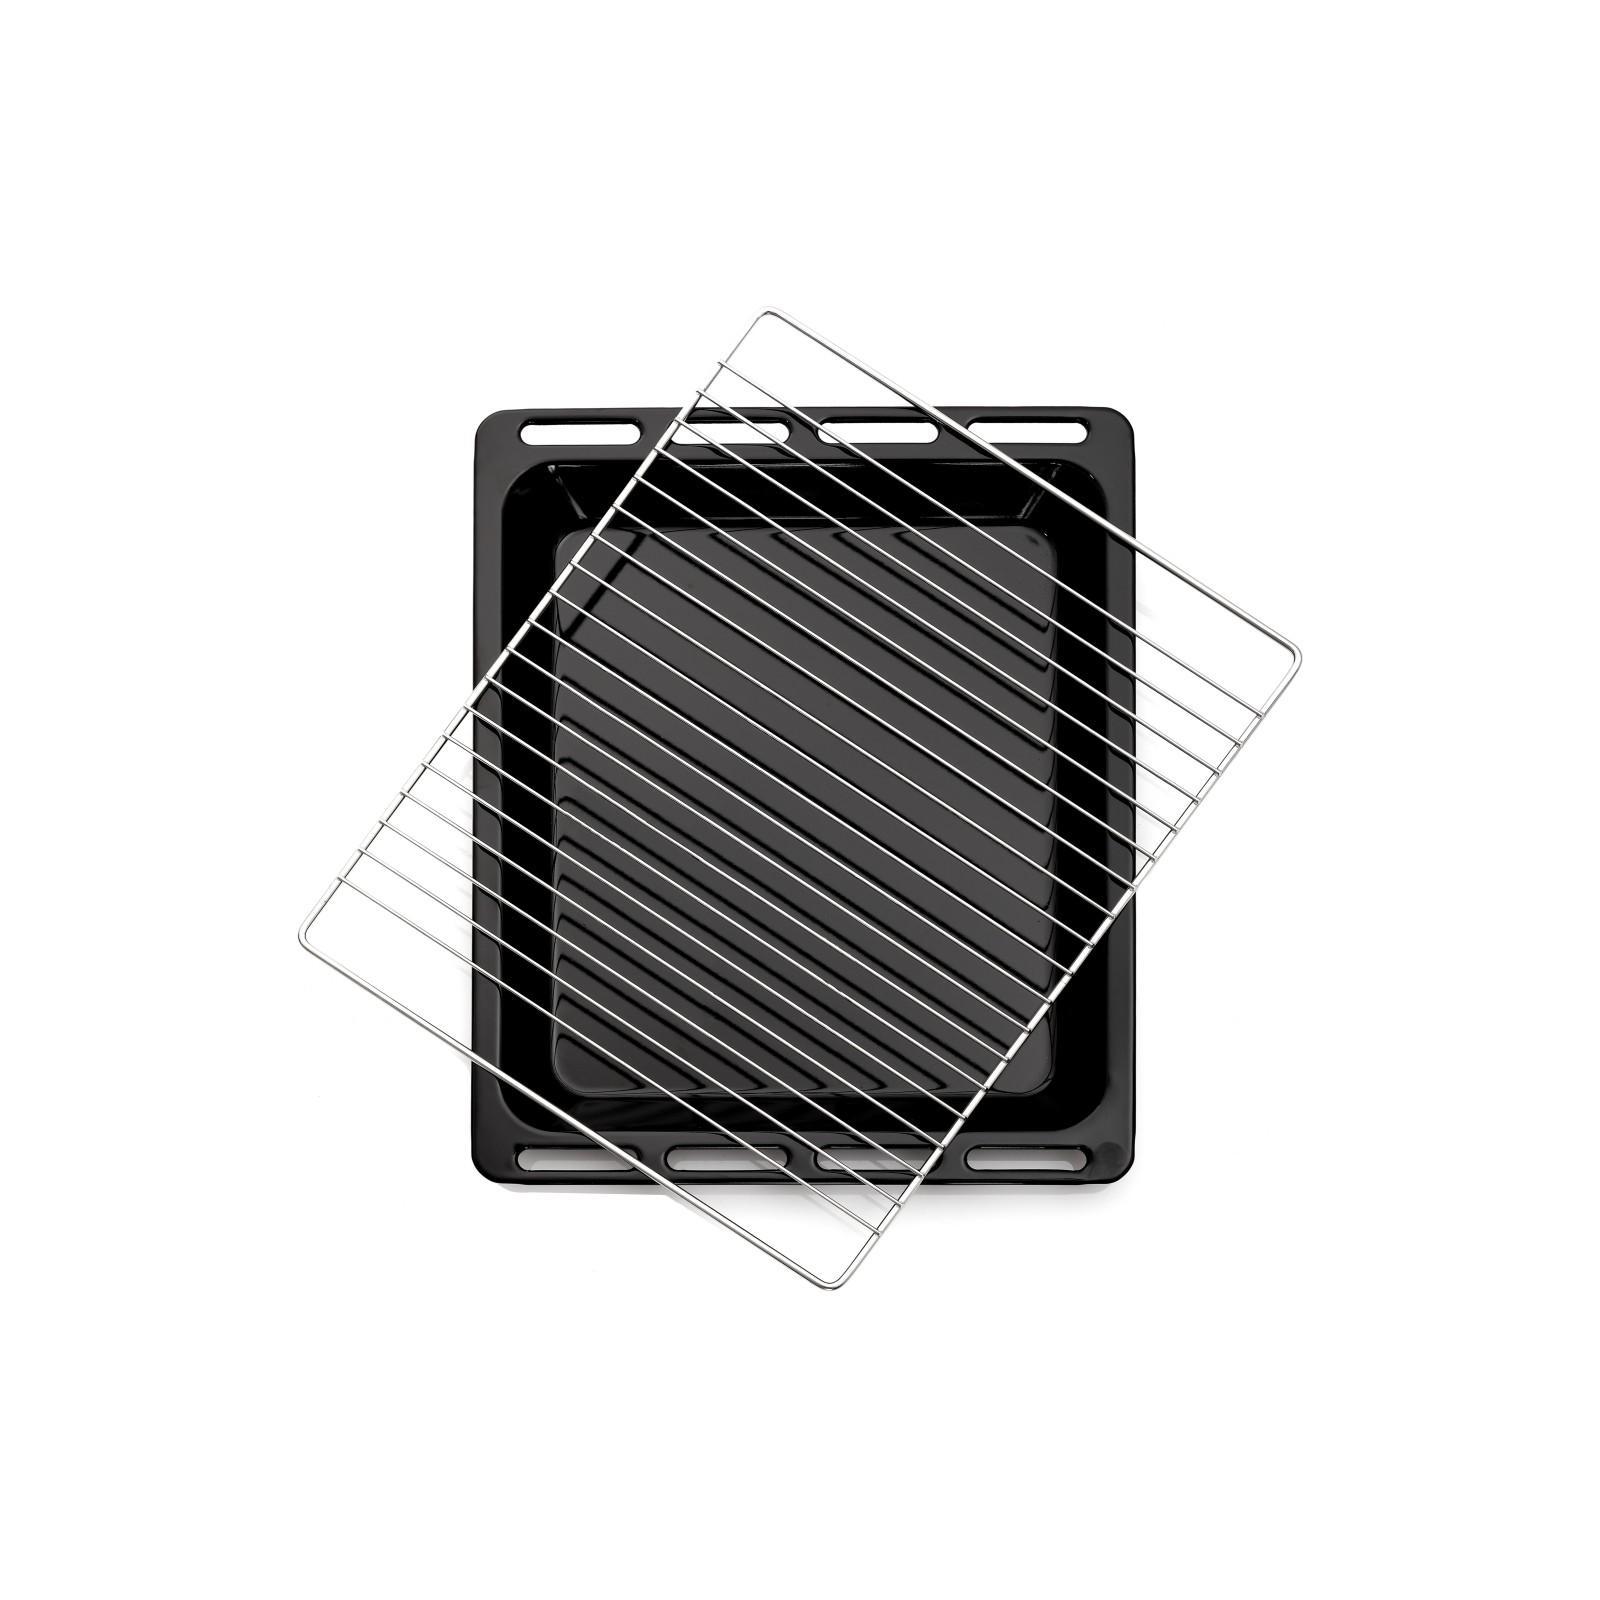 Духовой шкаф ELEYUS GLORIA 6006 BL+RB изображение 11